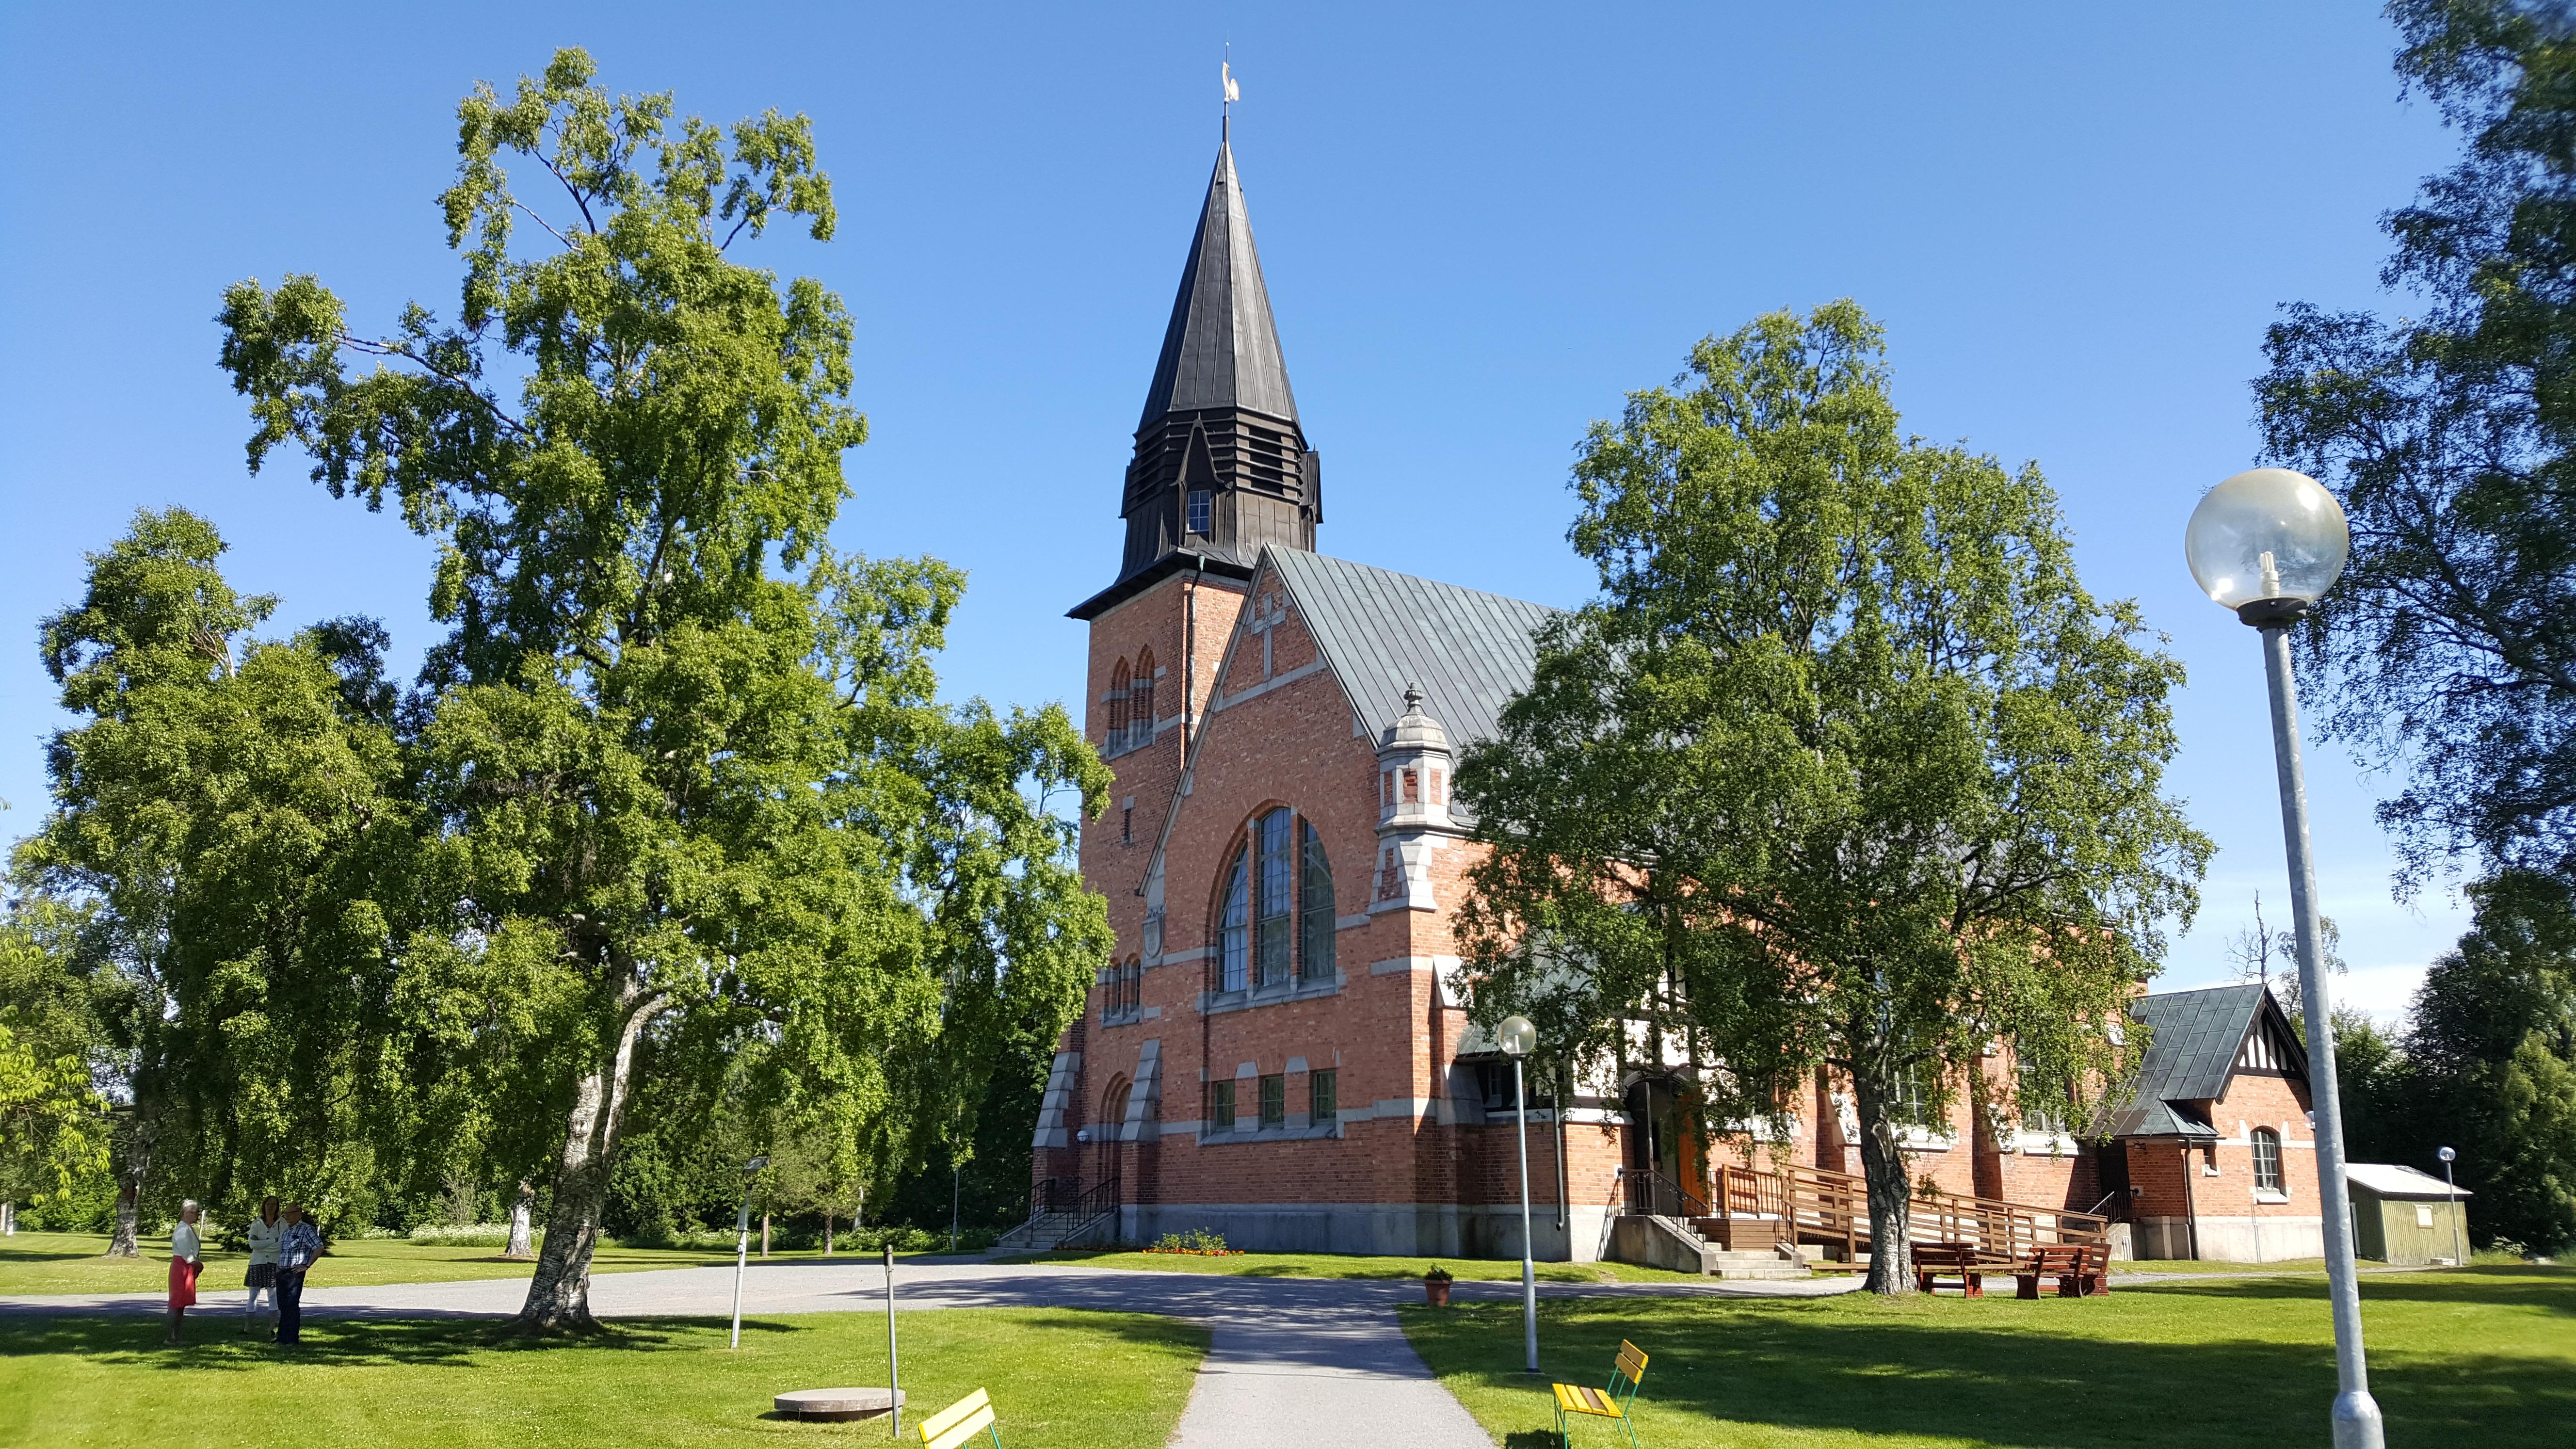 Rosornas kyrka, Hörnefors